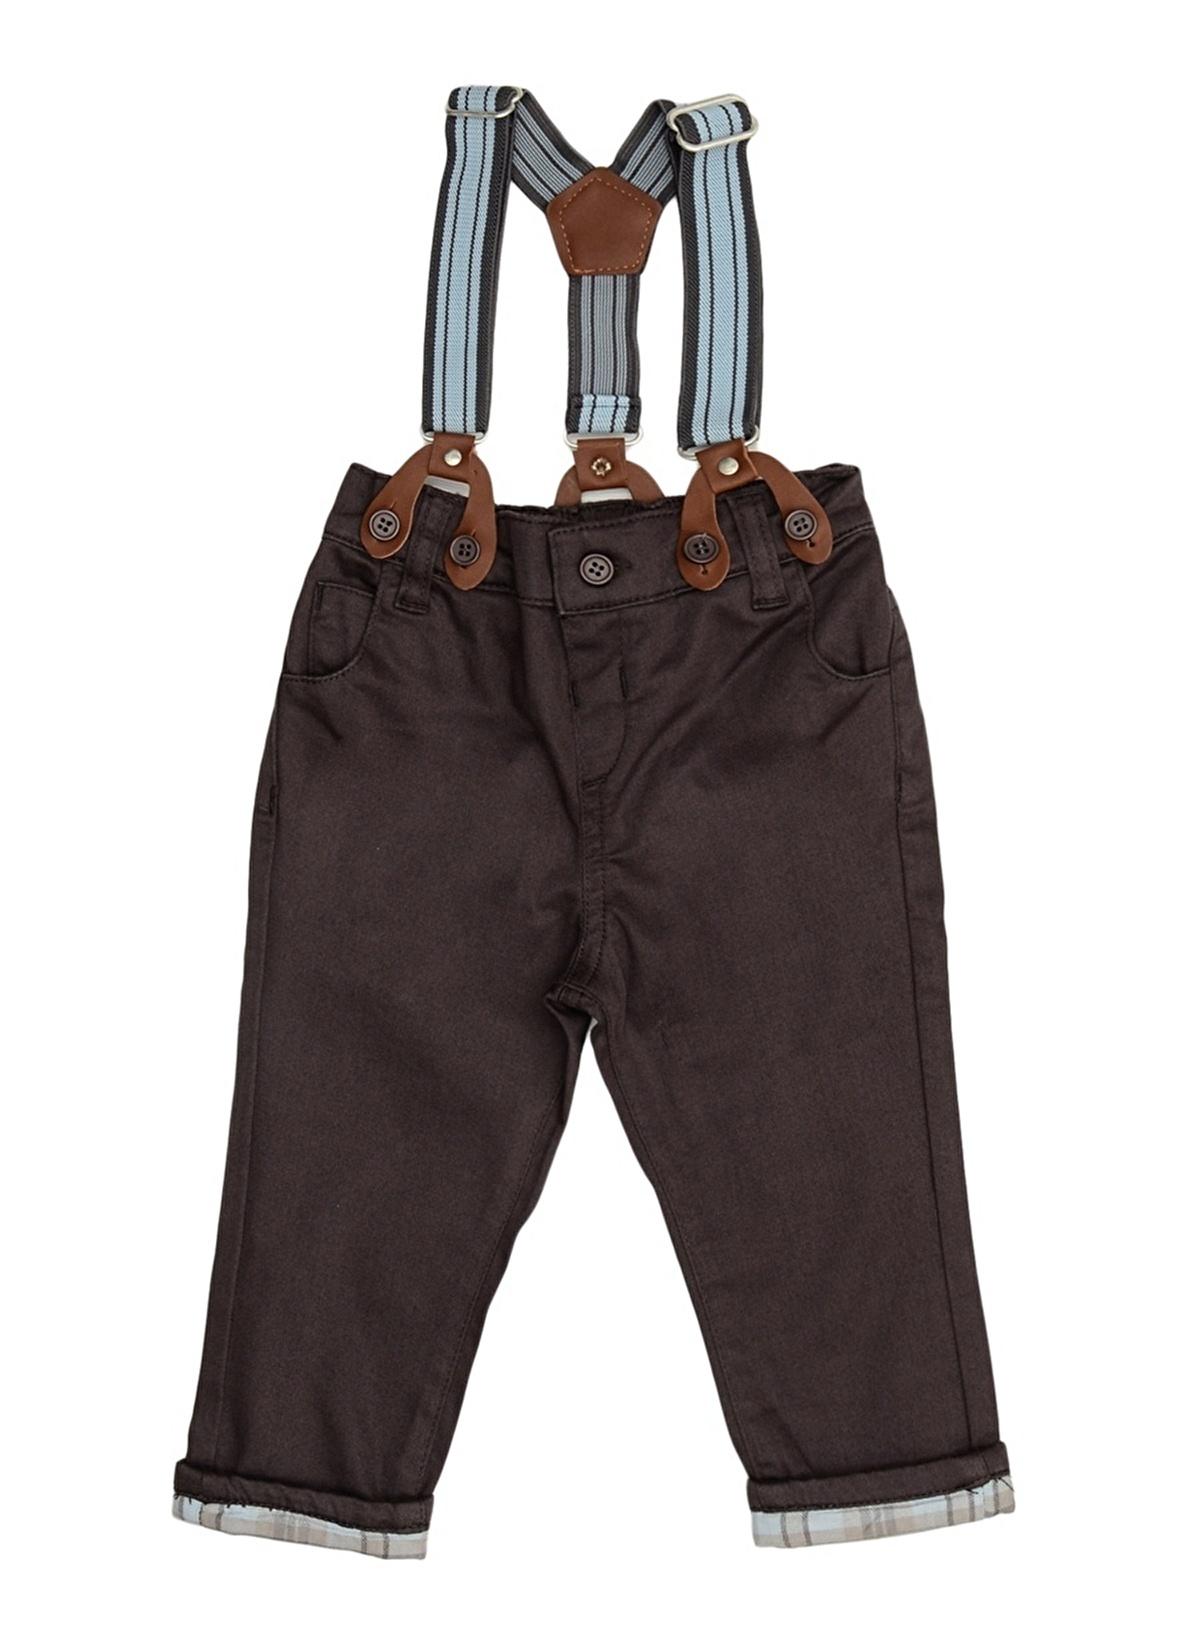 Mammaramma Pantolon 62efo Adv030 Eee Pantolon – 59.99 TL